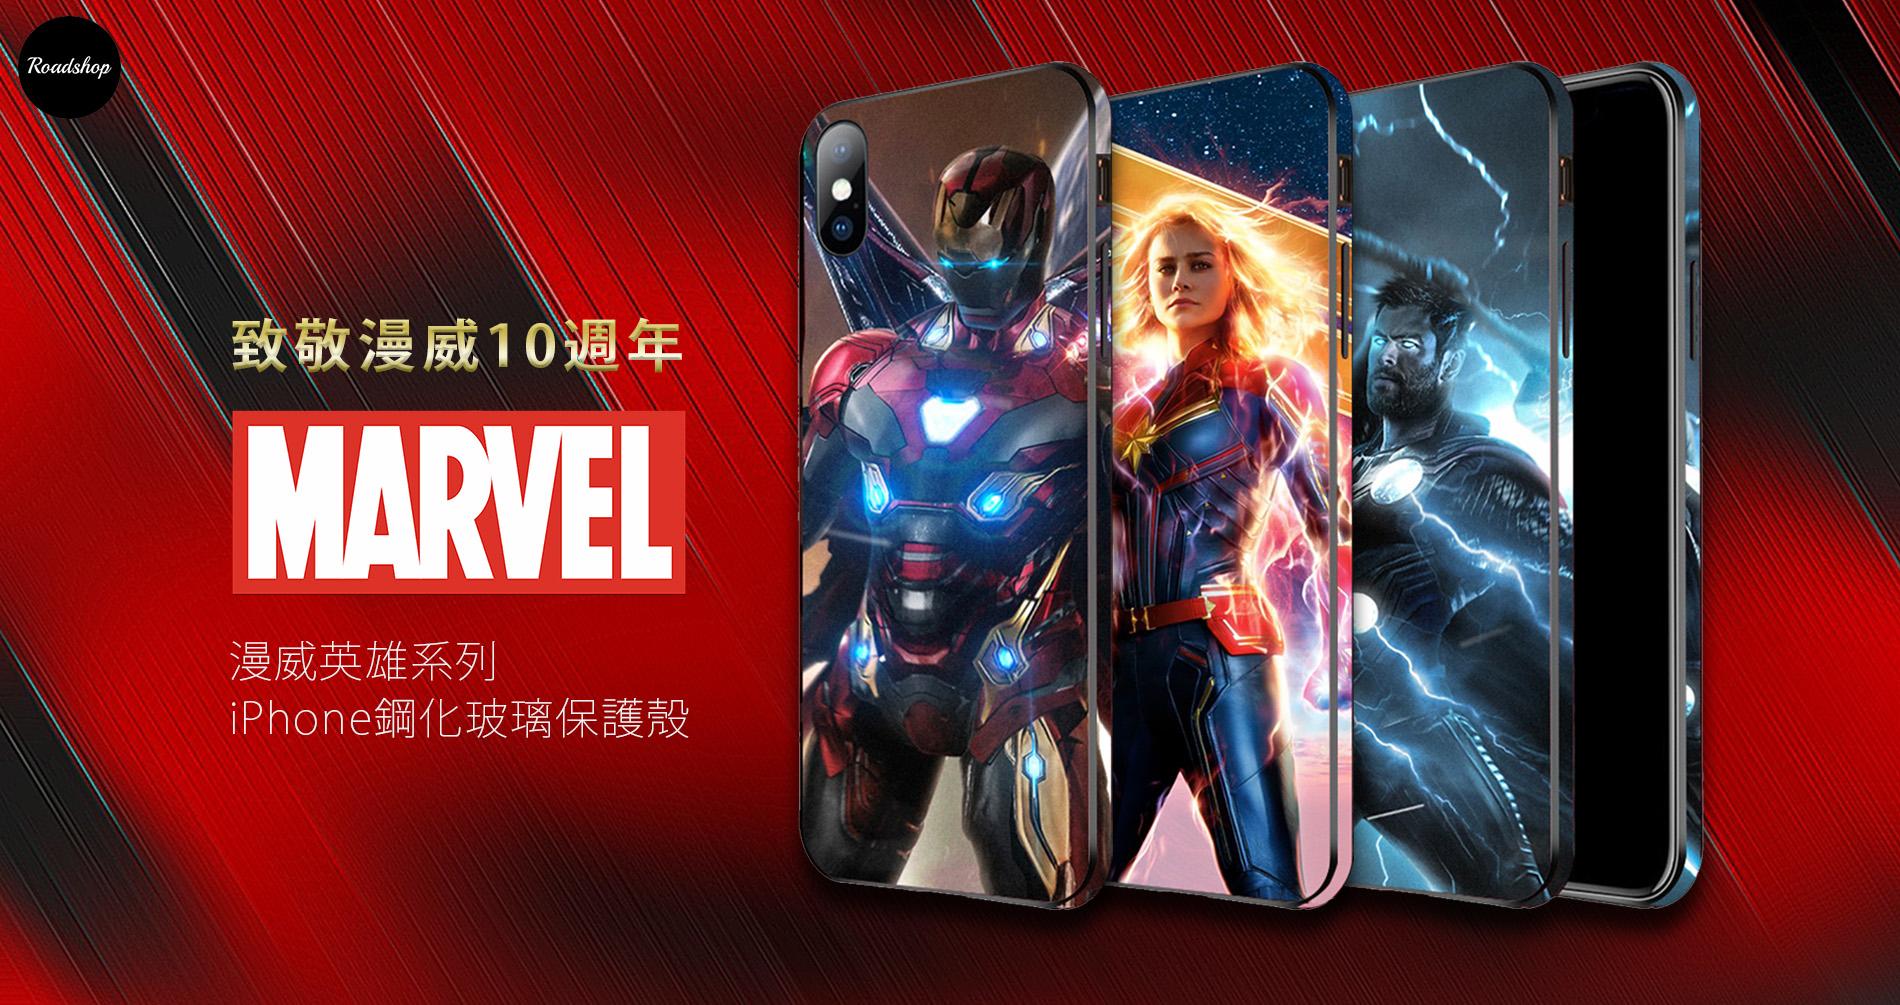 復仇者聯盟手機殼,漫威手機殼,iPhone手機殼